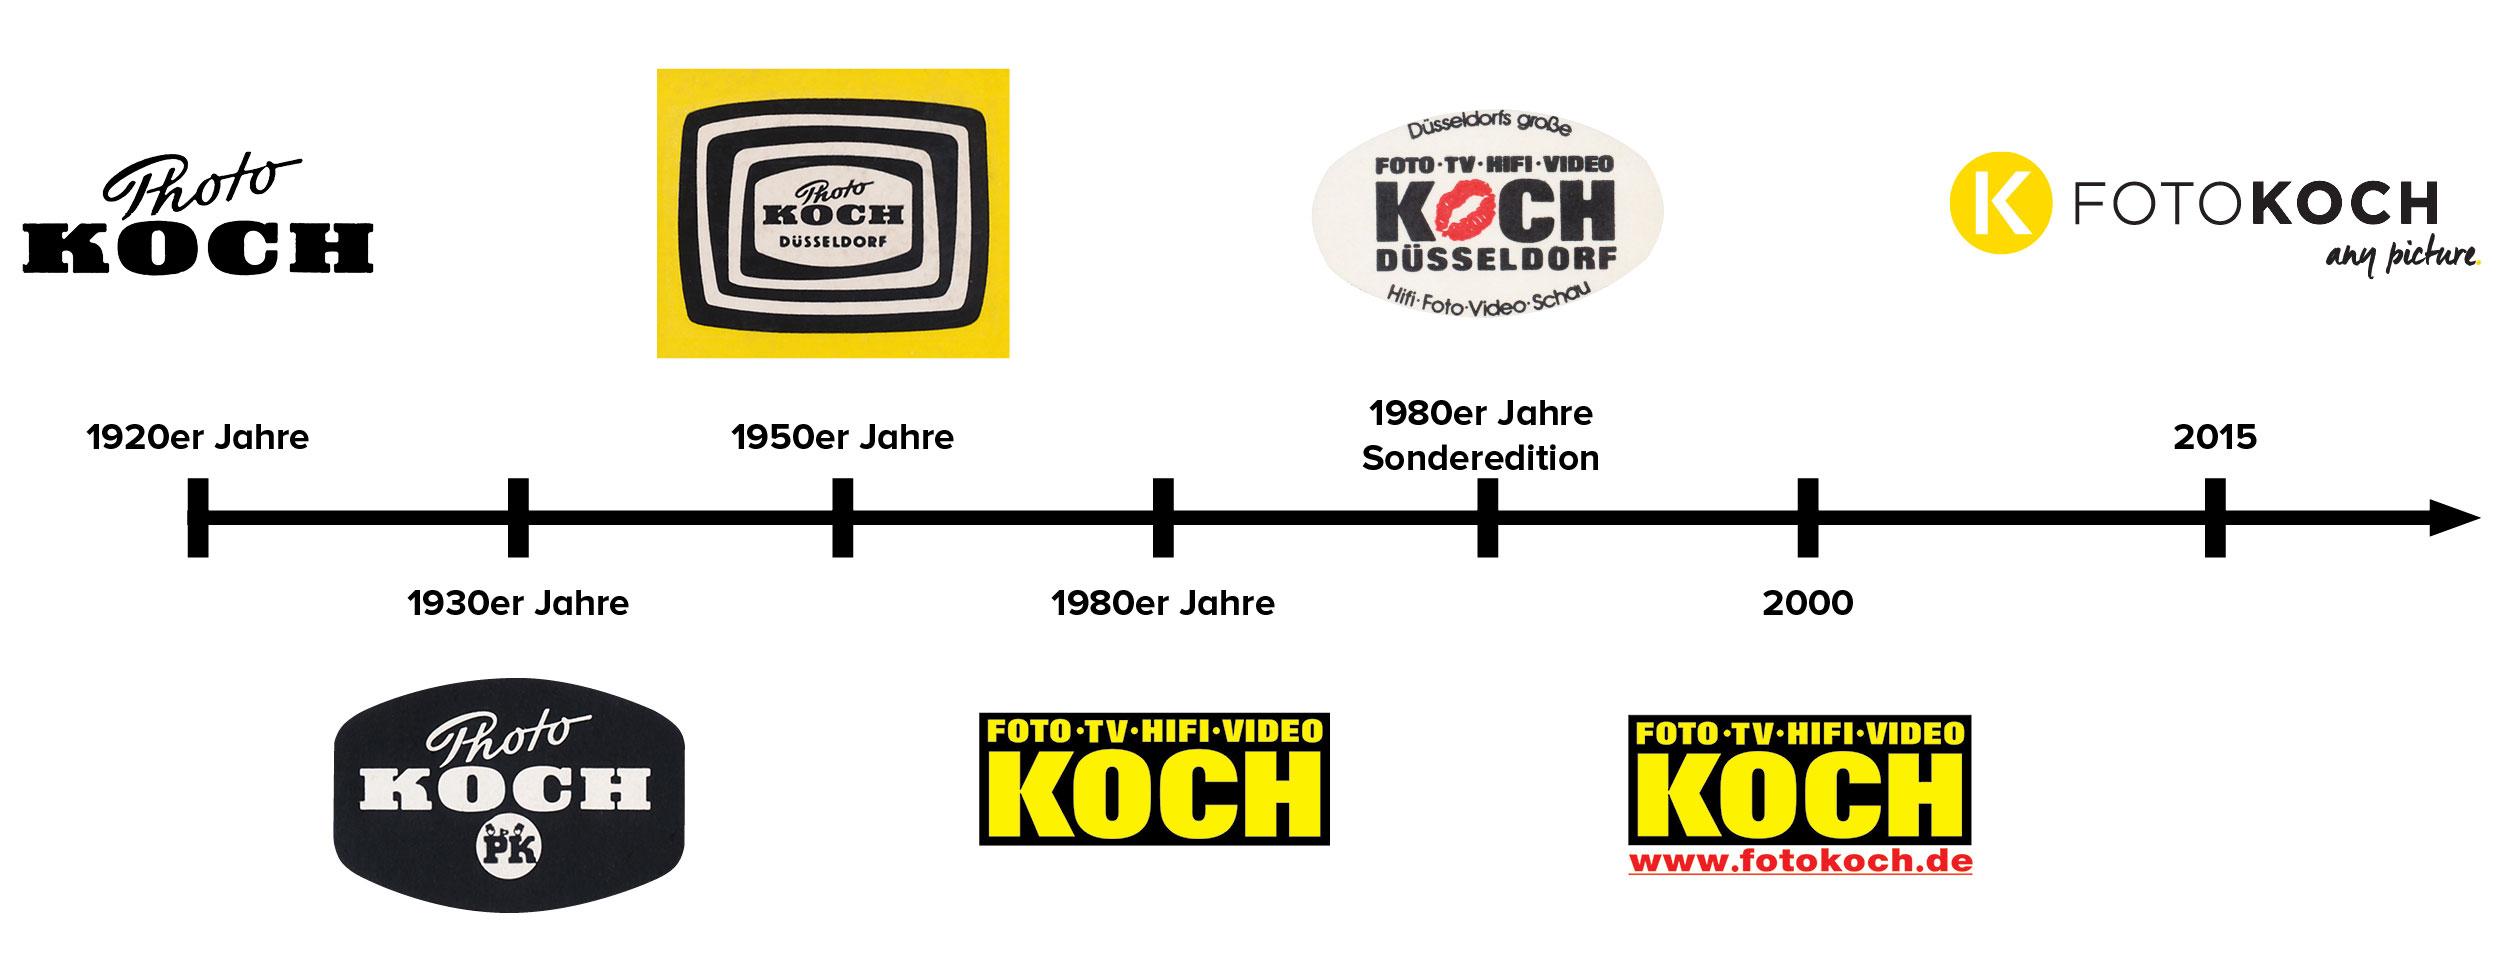 Foto Koch Timeline